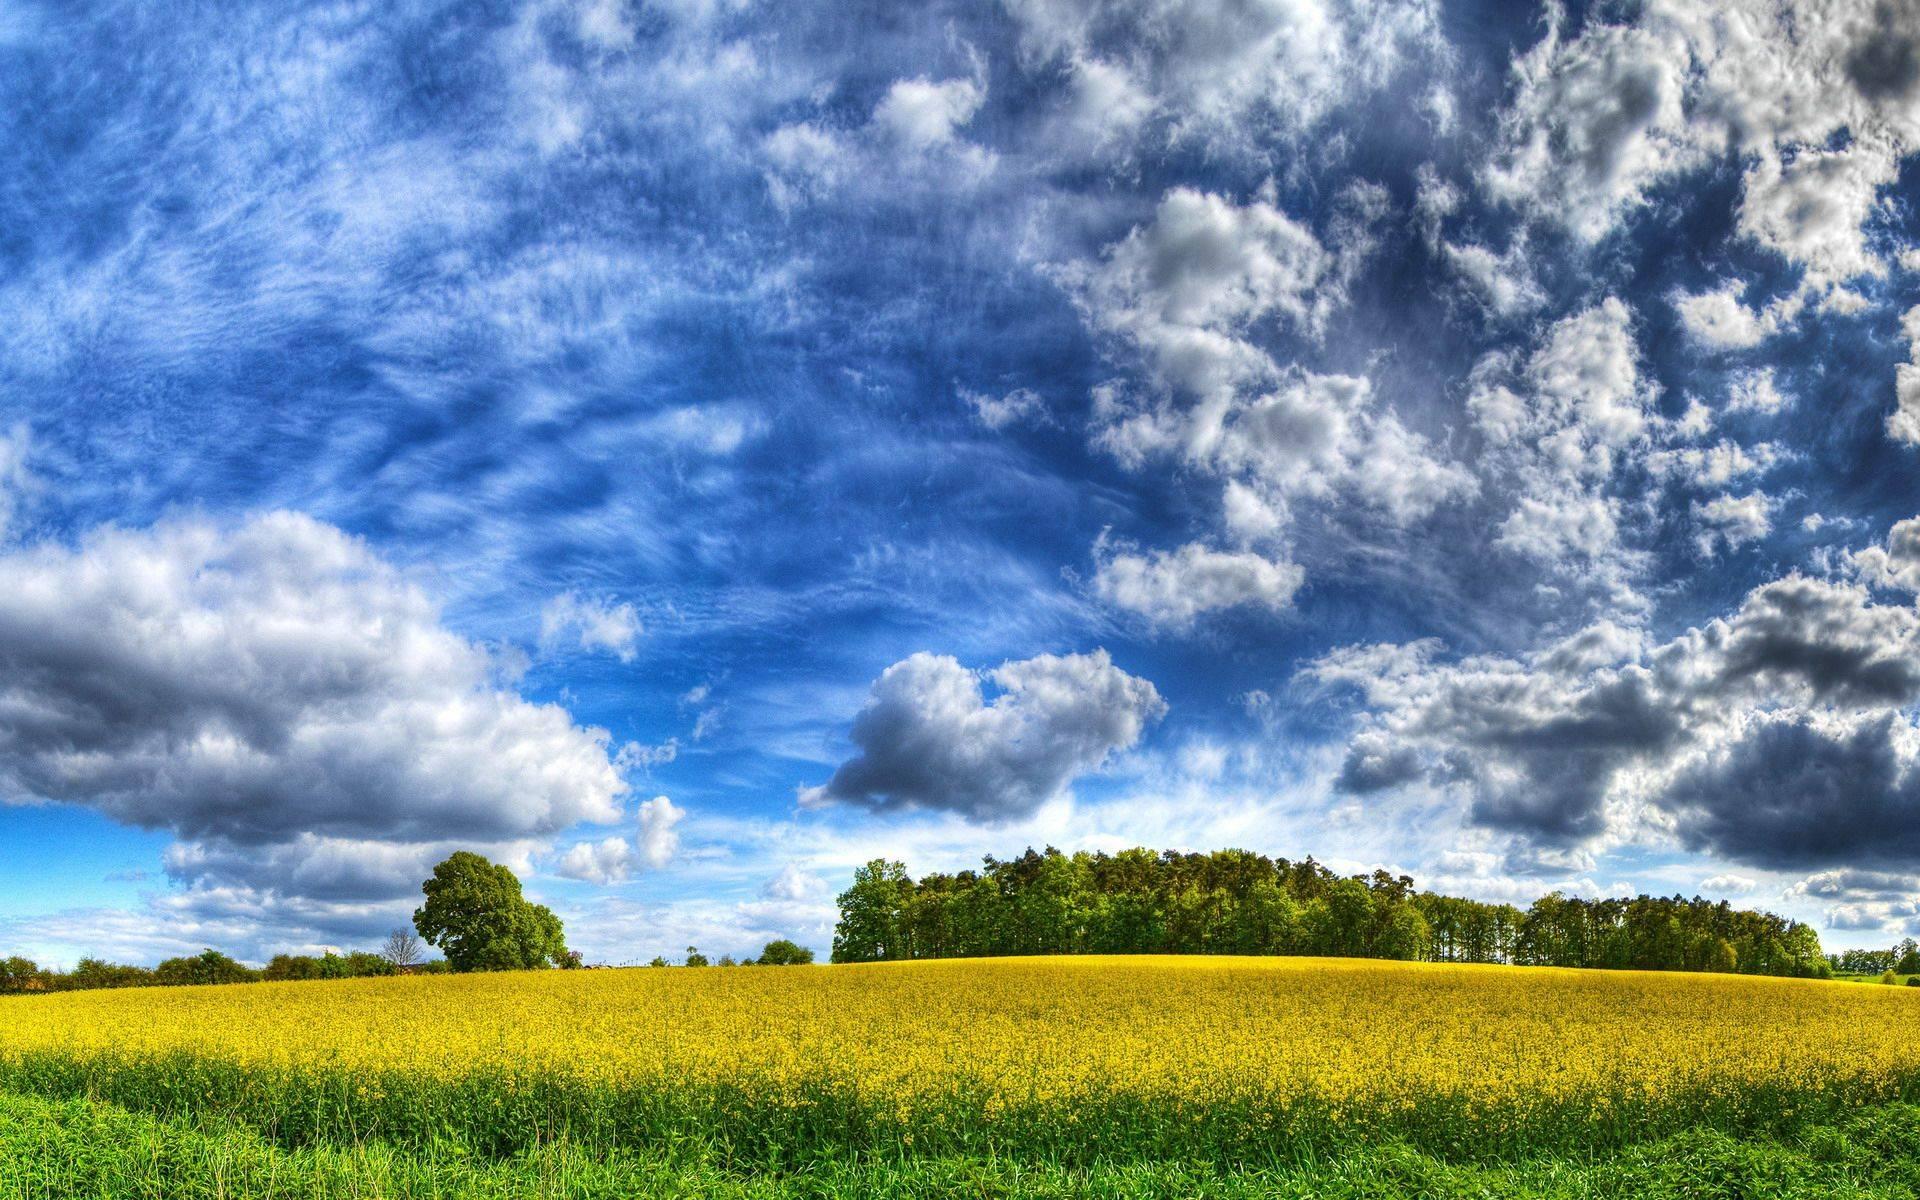 фото небо с облаками в хорошем качестве скачать